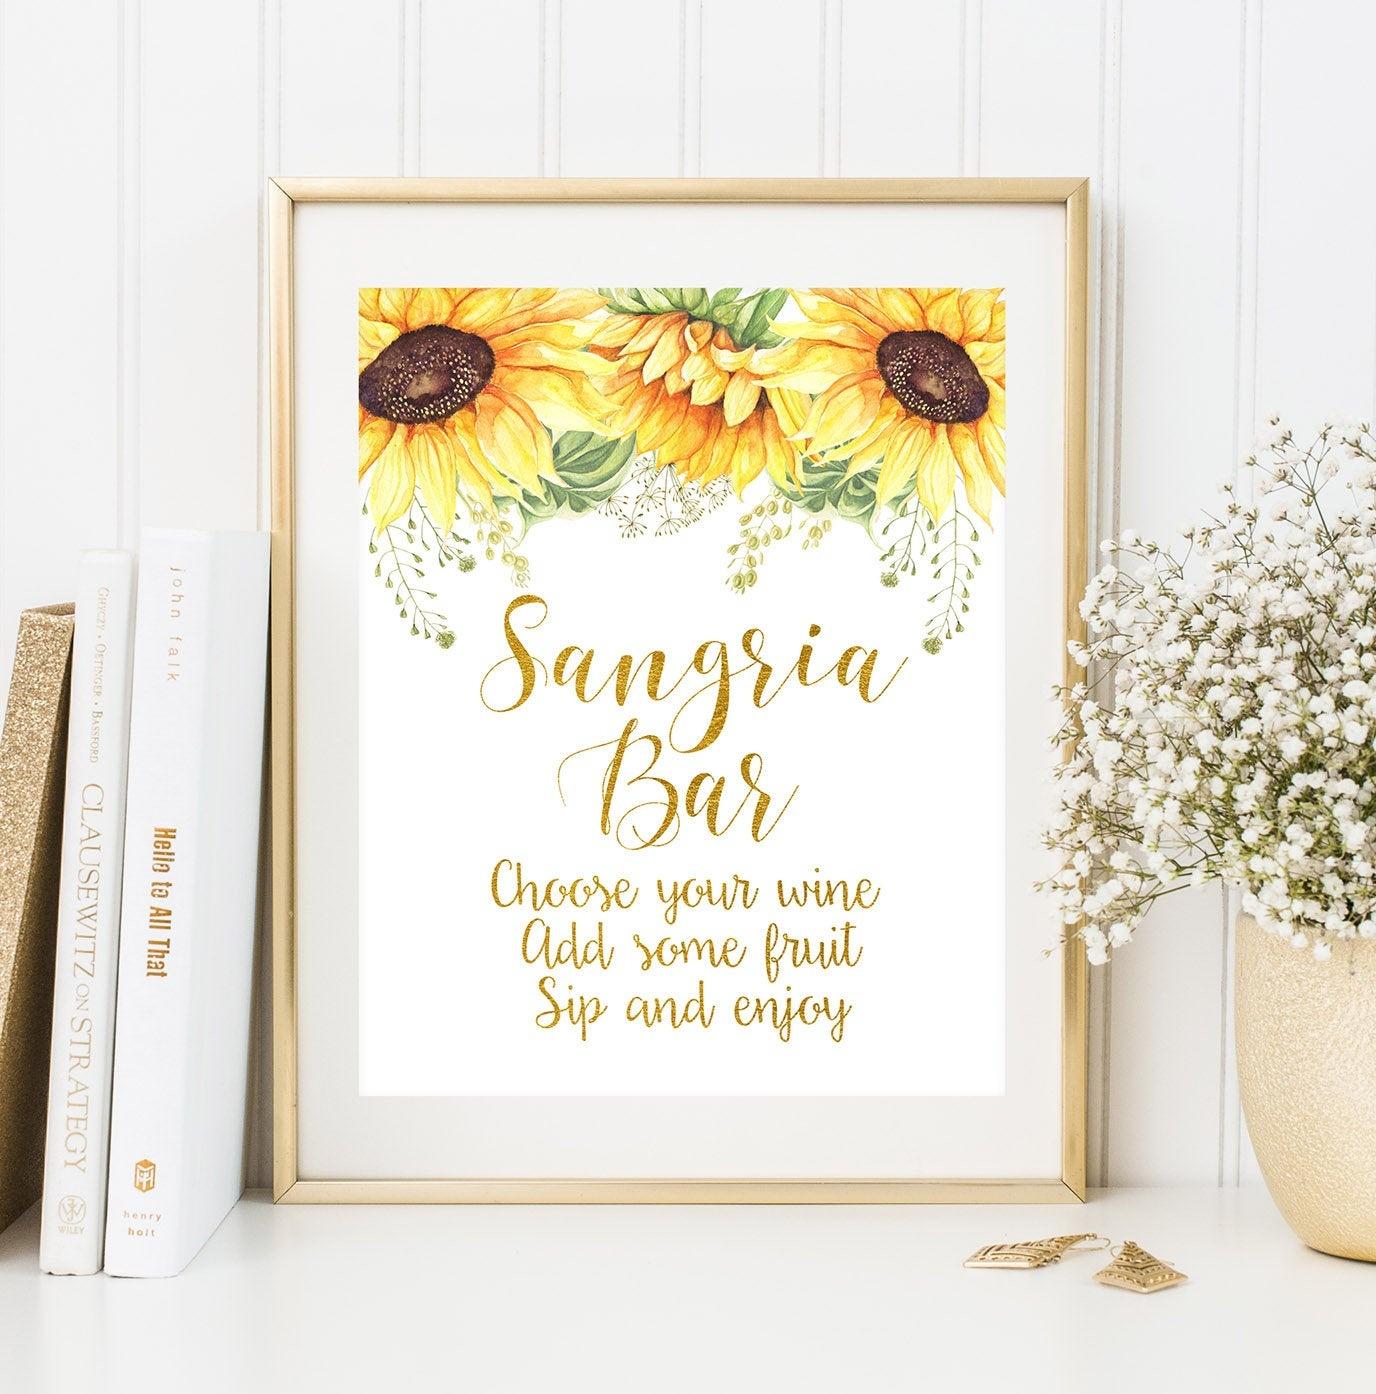 Sangria Bar Sign Printable Cocktails Sign Gold Wedding Bar | Etsy - Free Sangria Bar Sign Printable